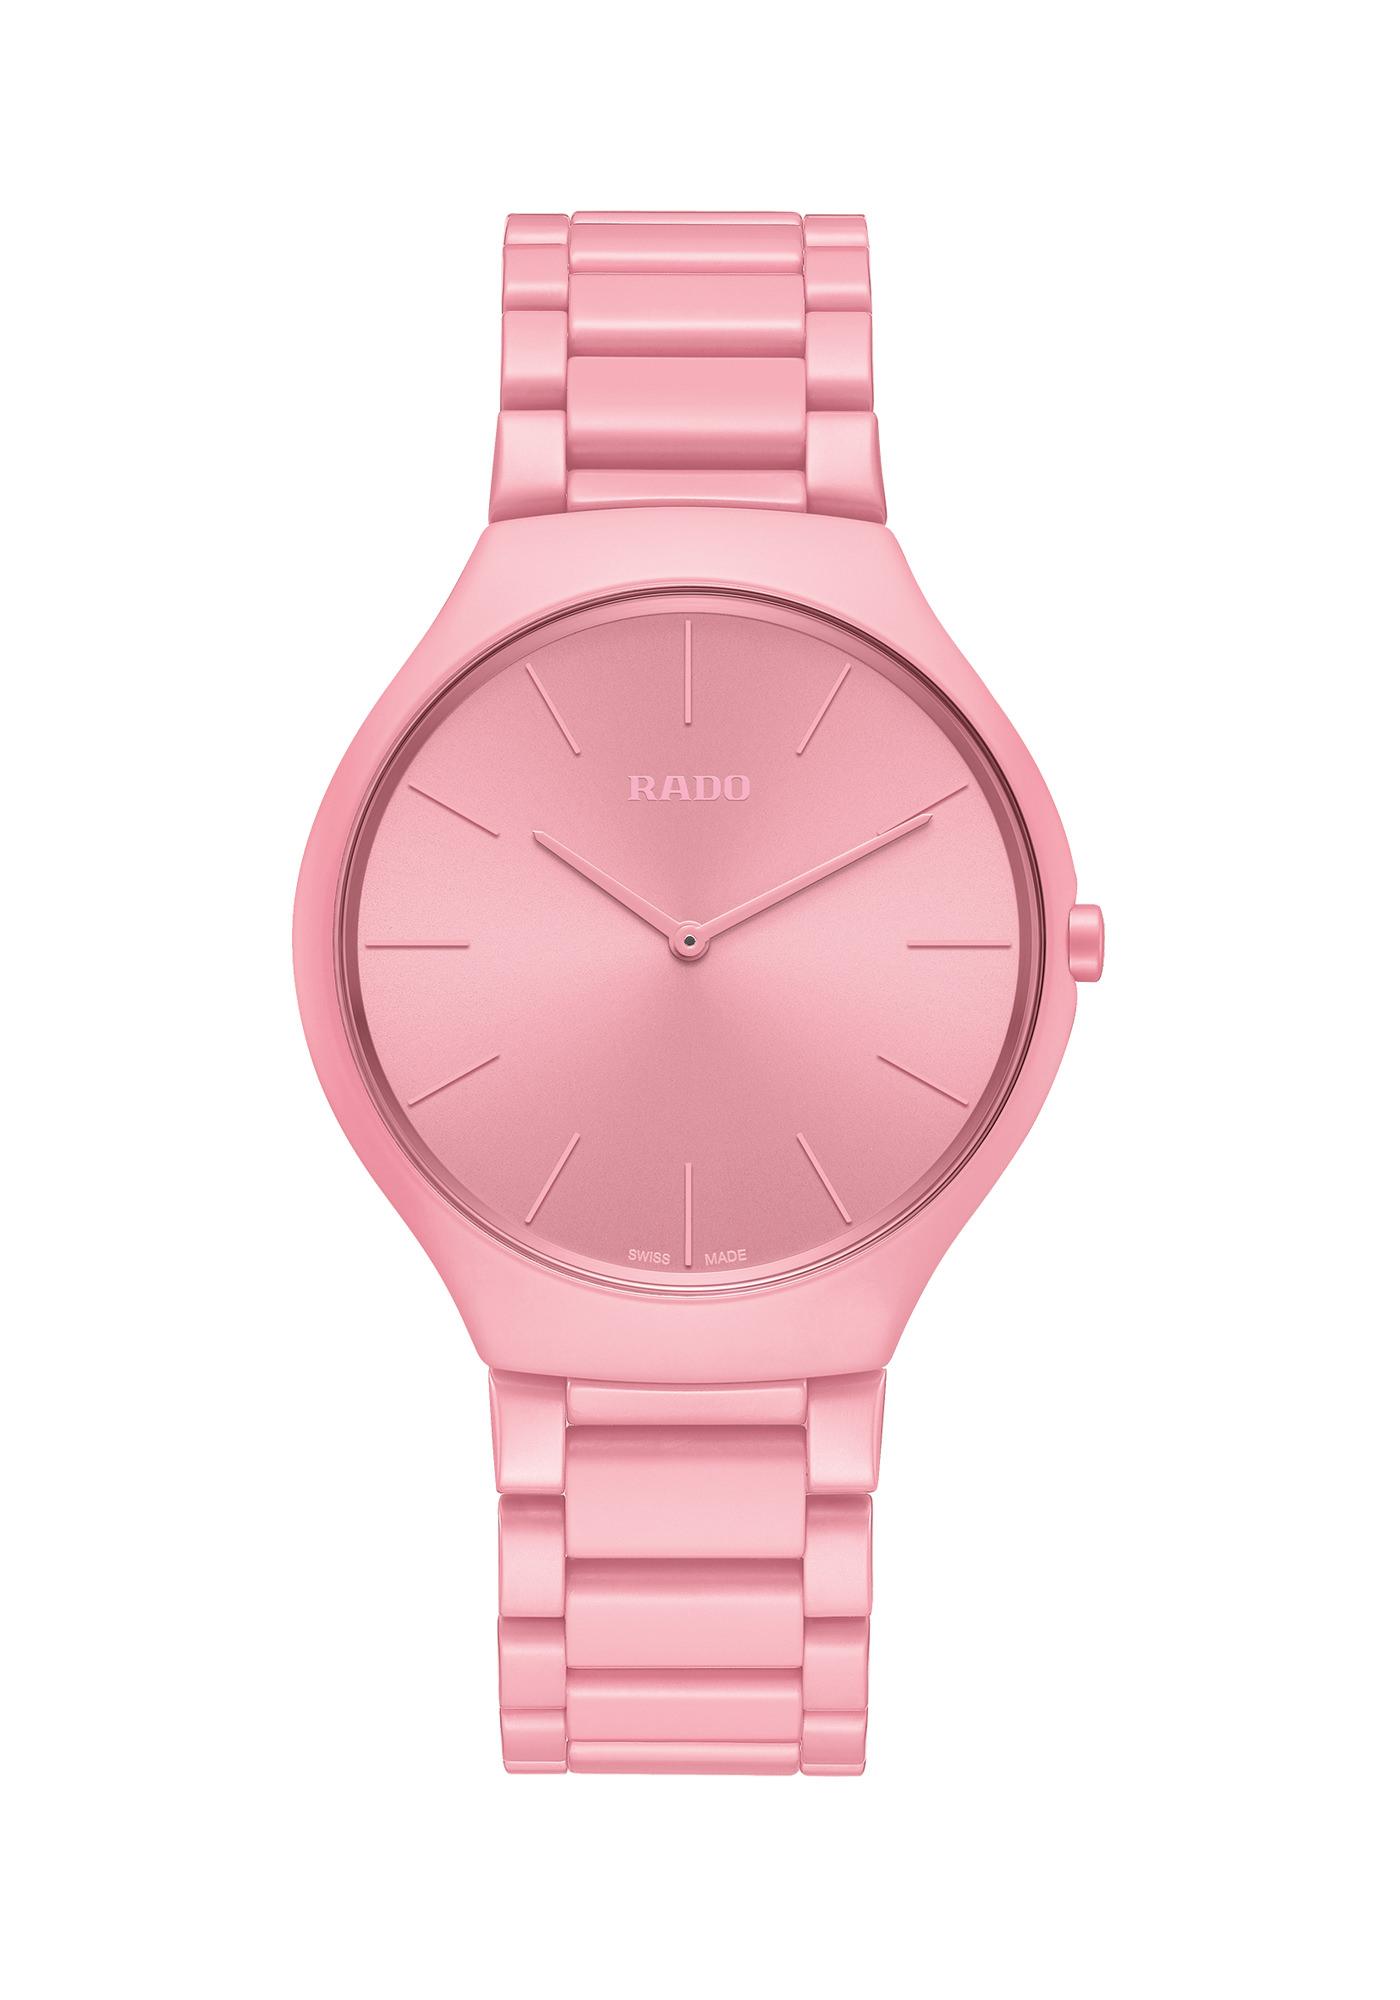 Rado Montres True Thinline Les Couleurs Le Corbusier Luminous Pink 4320c